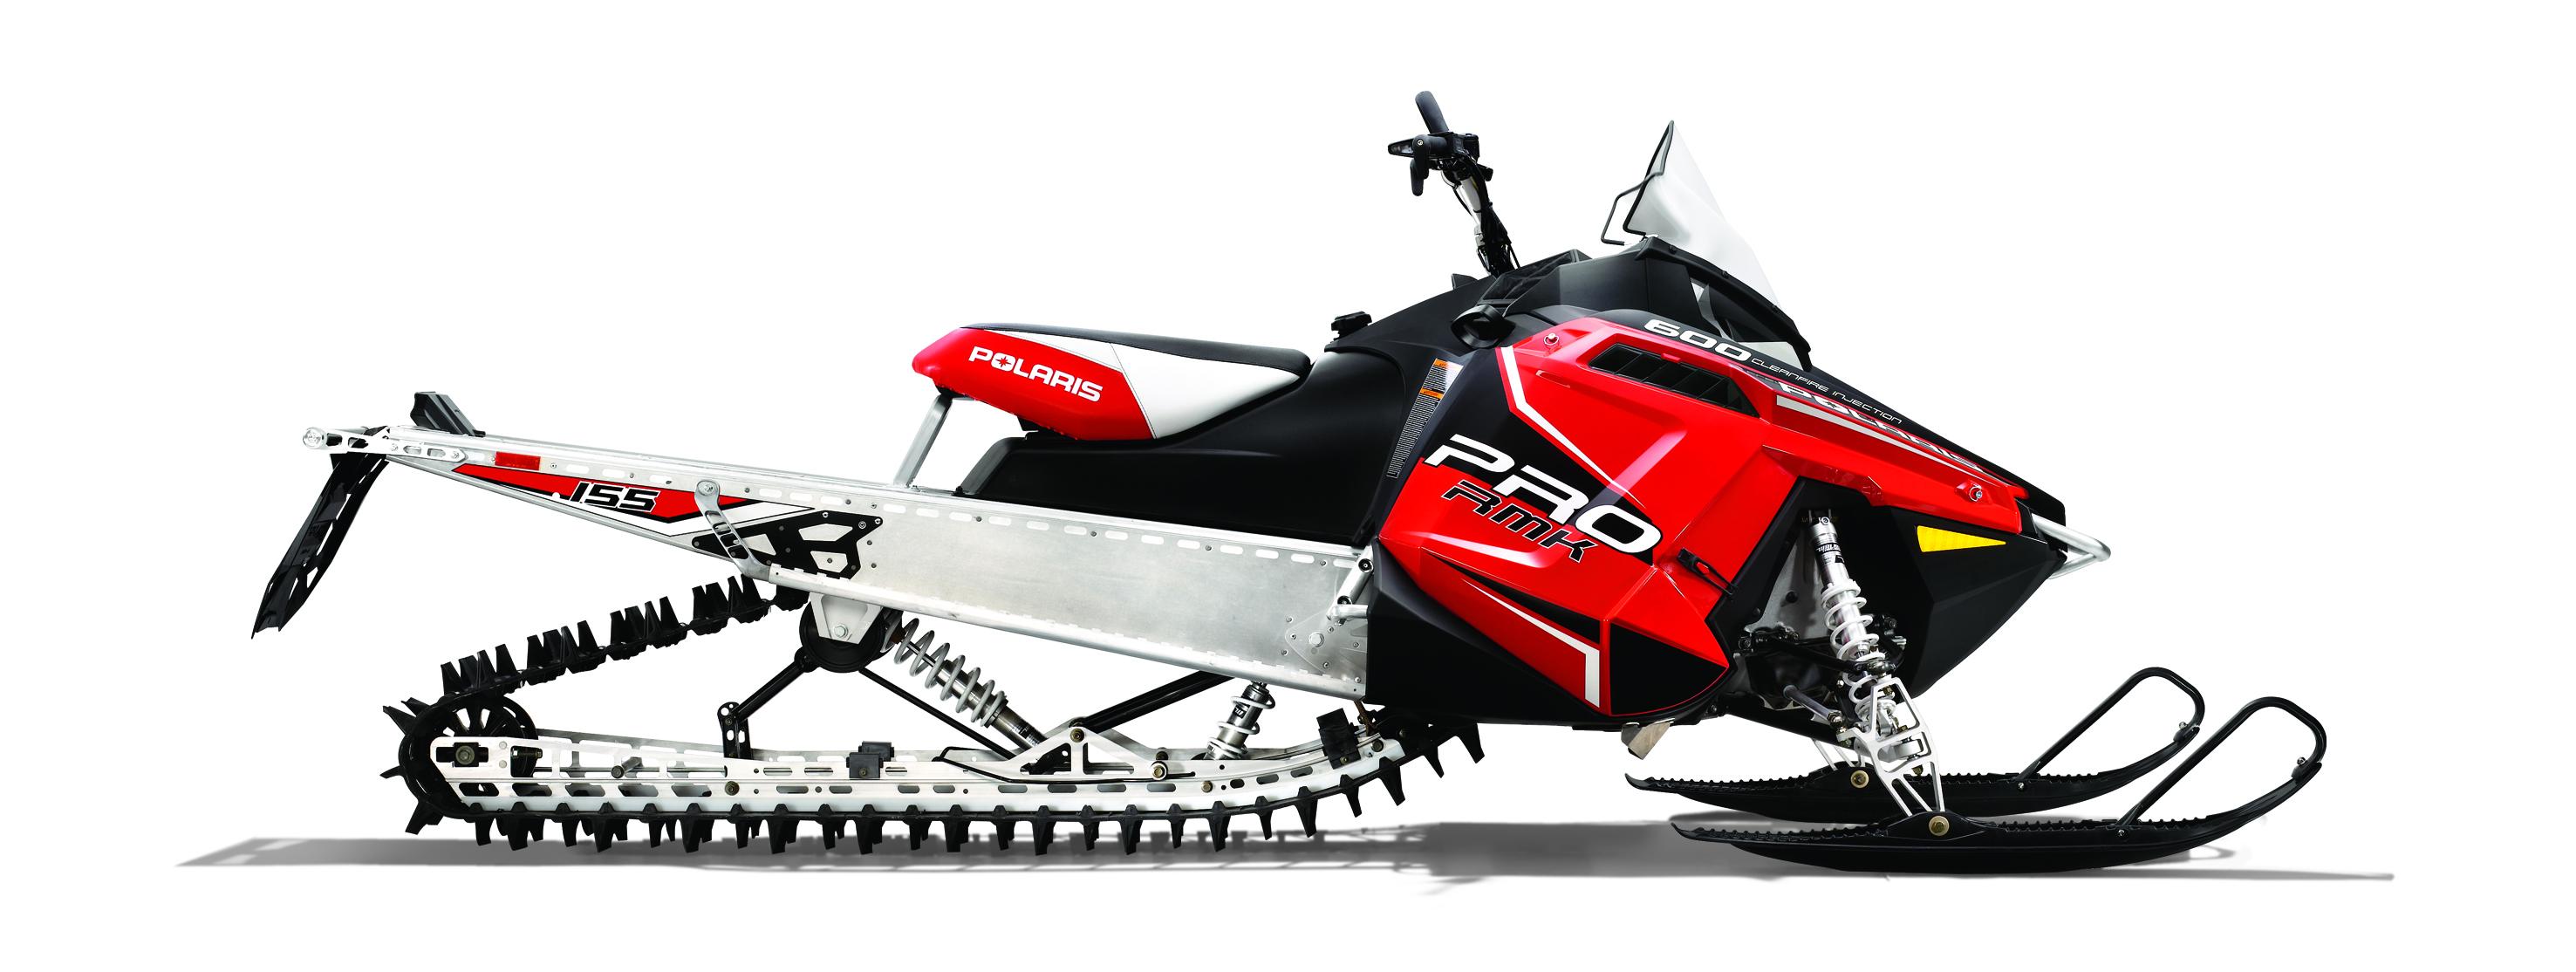 Snowmobile Wallpaper Backgrounds | polaris snowmobile wallpaper ...